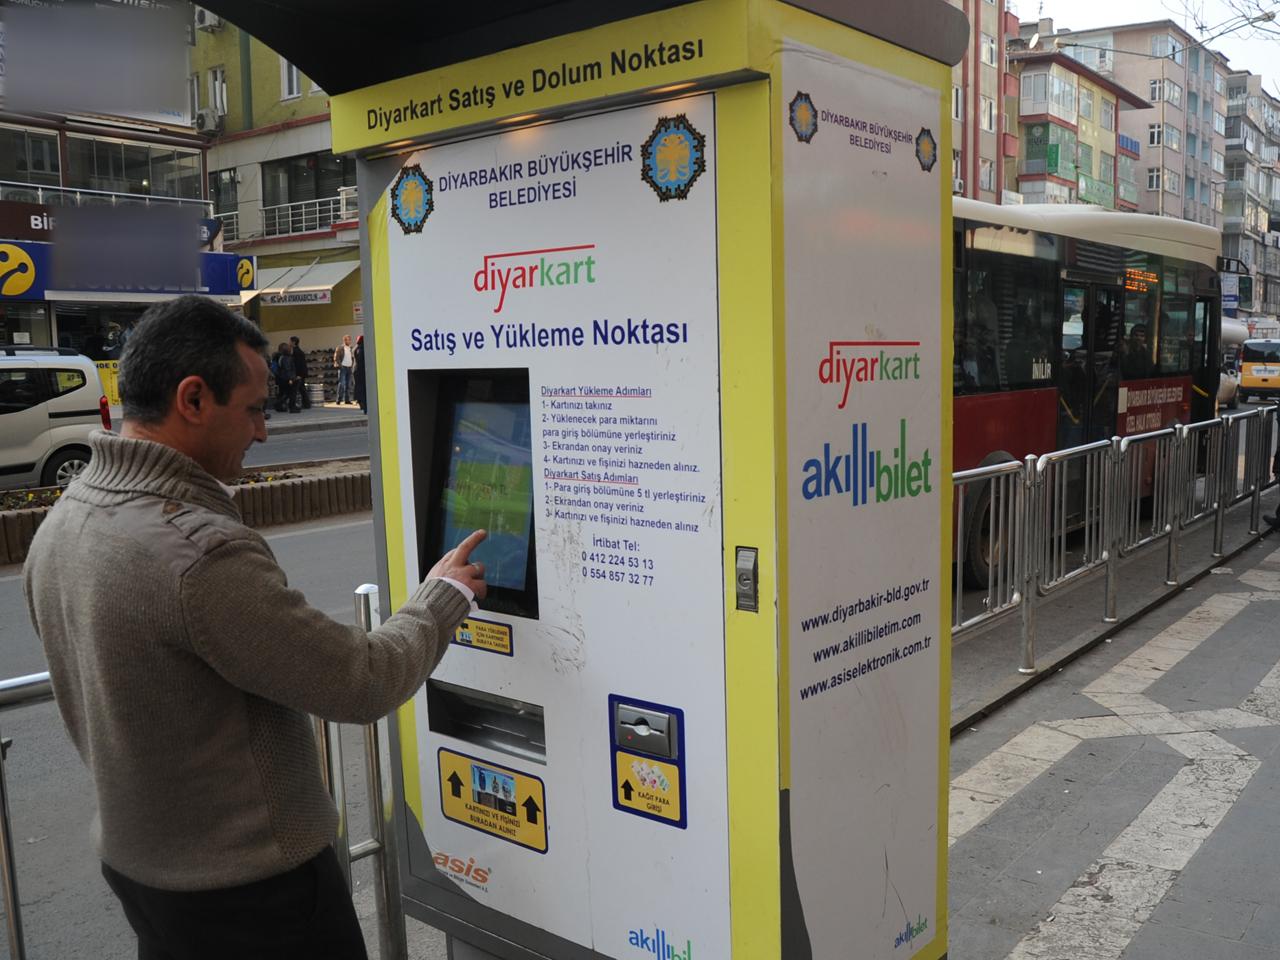 belediyeler-teknolojik-gelismeleri-takip-ediyor.jpg